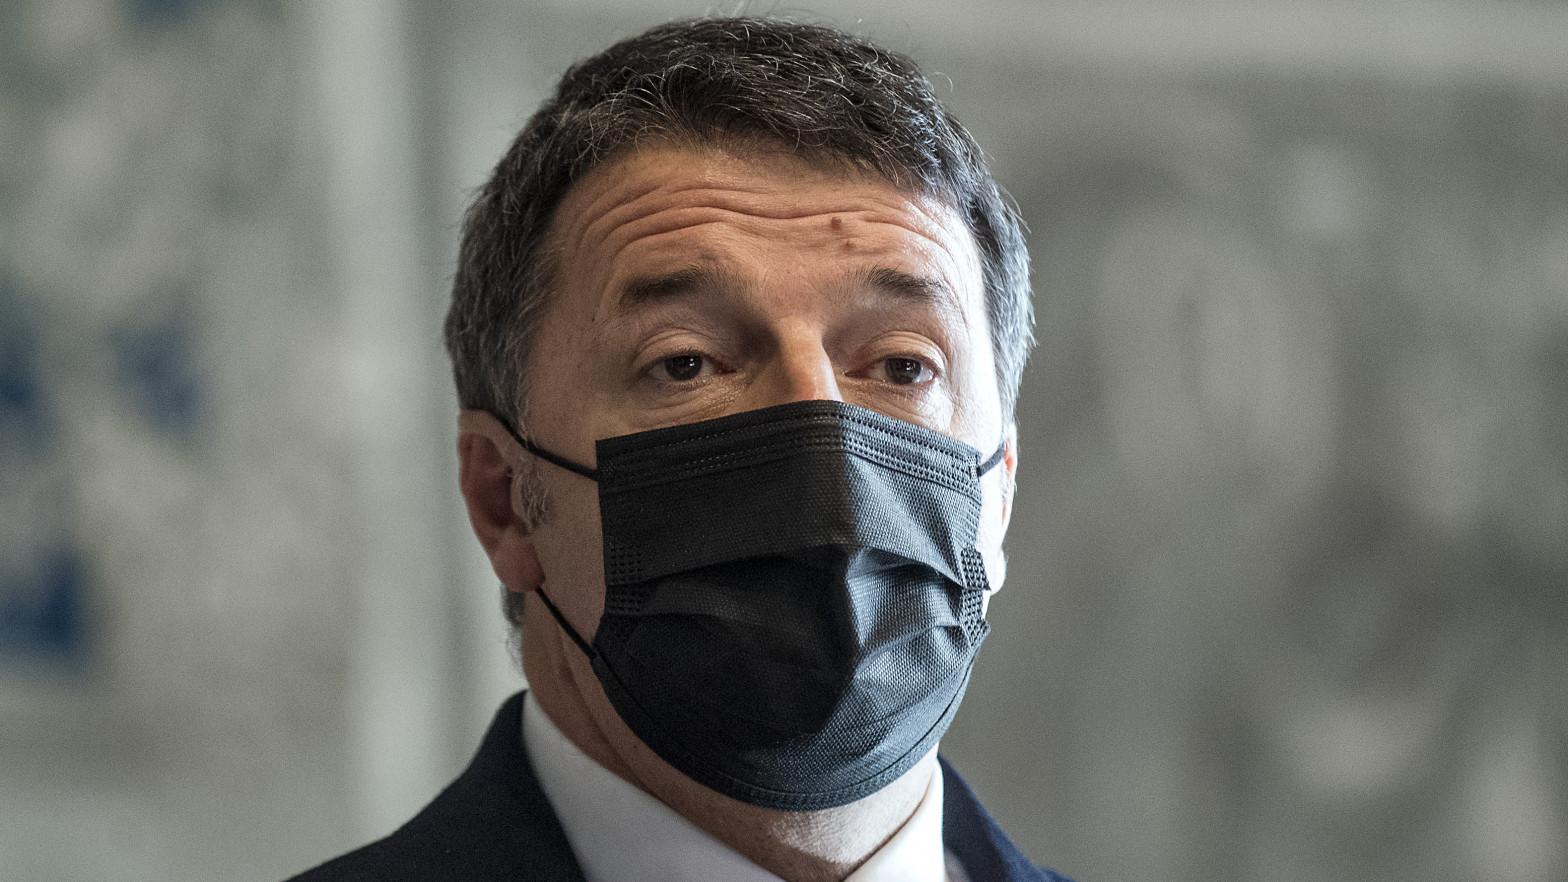 El ex primer ministro italiano Renzi, investigado por financiación irregular